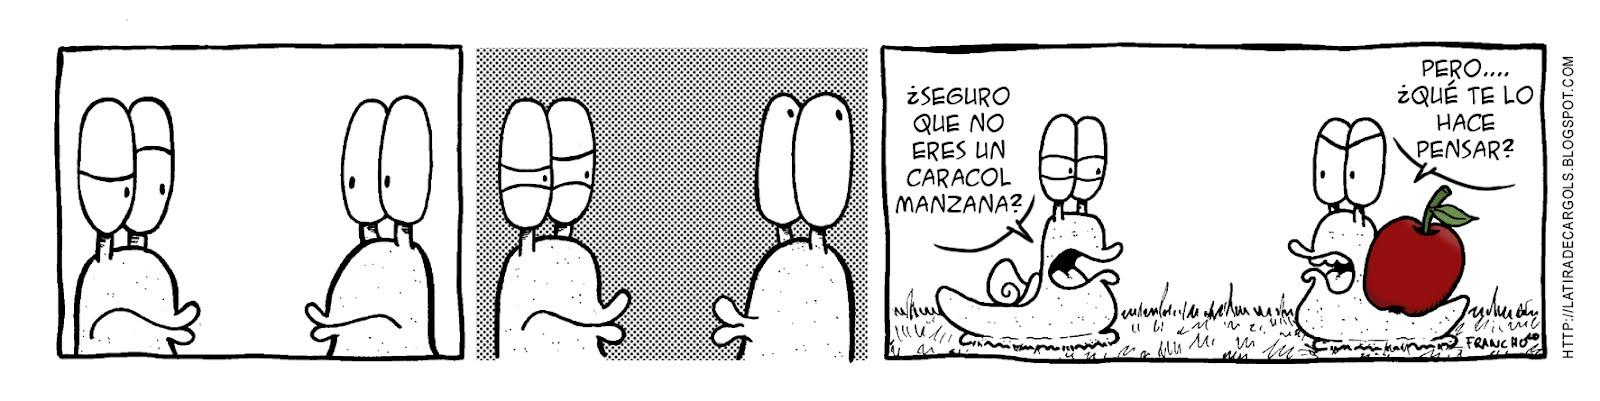 Tira comica 131 del webcomic Cargols del dibujante Franchu de Barcelona